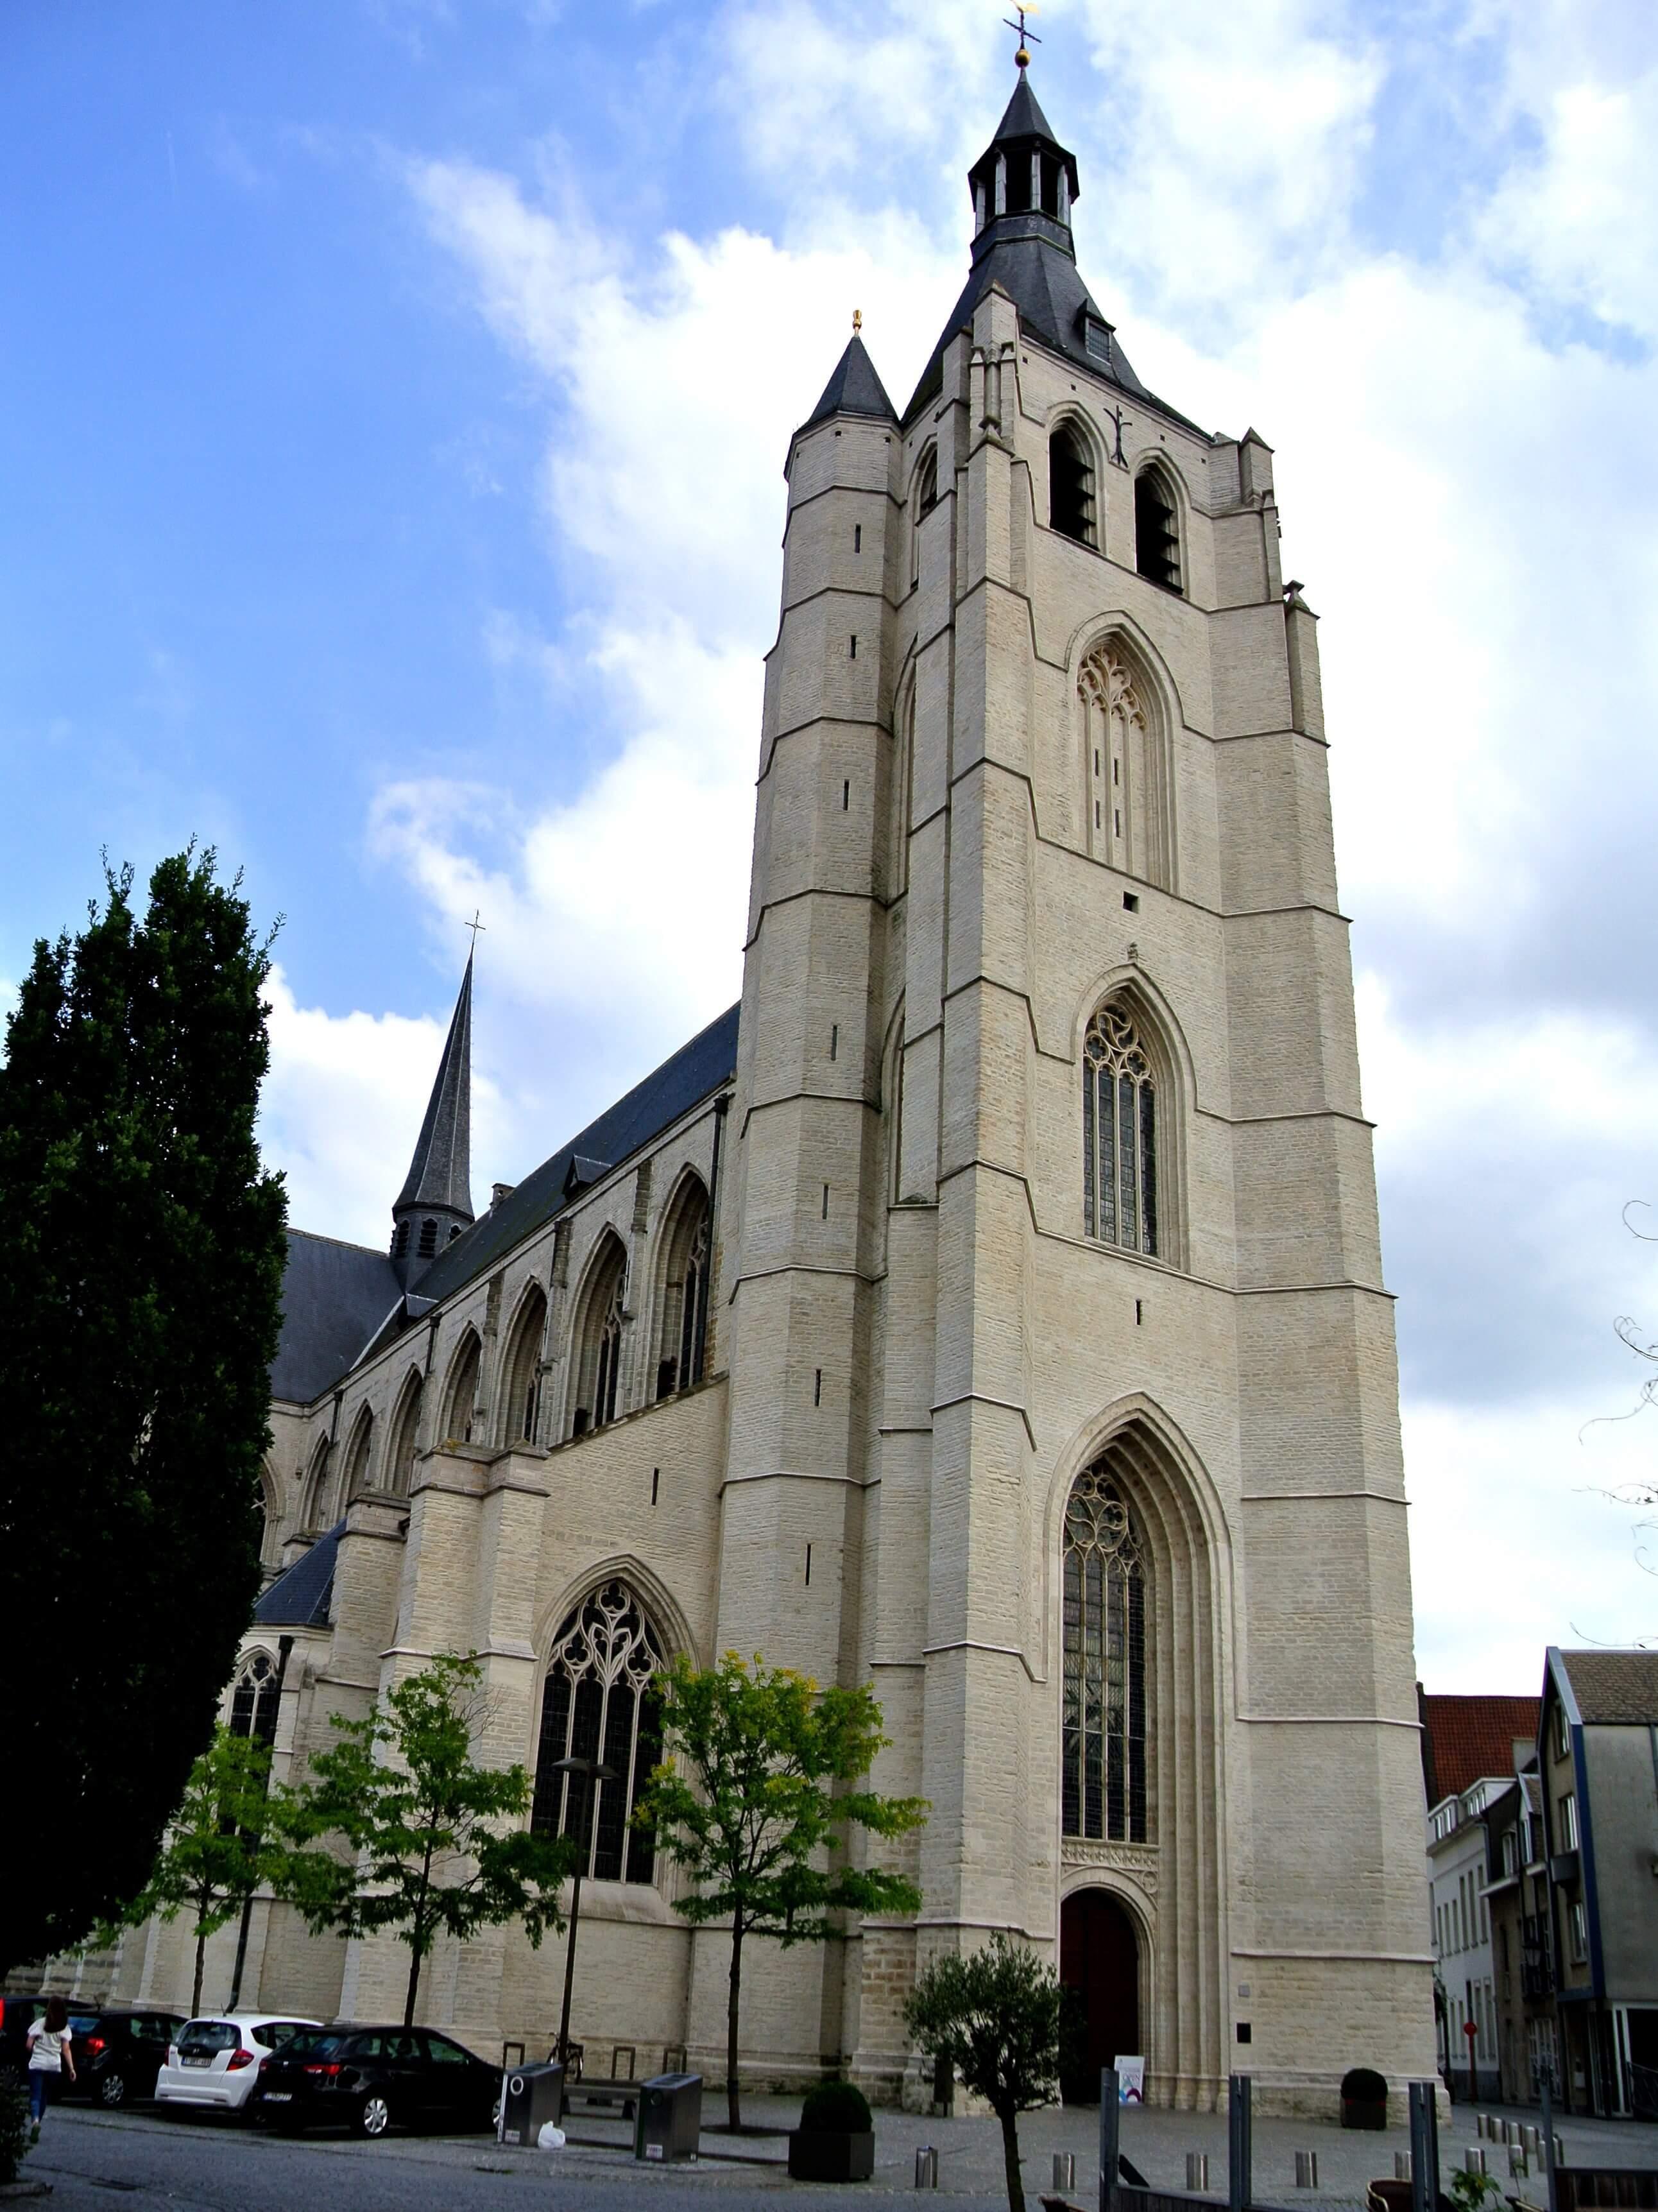 Onze-Lieve-Vrouw-over-de-Dijle - Mechelen